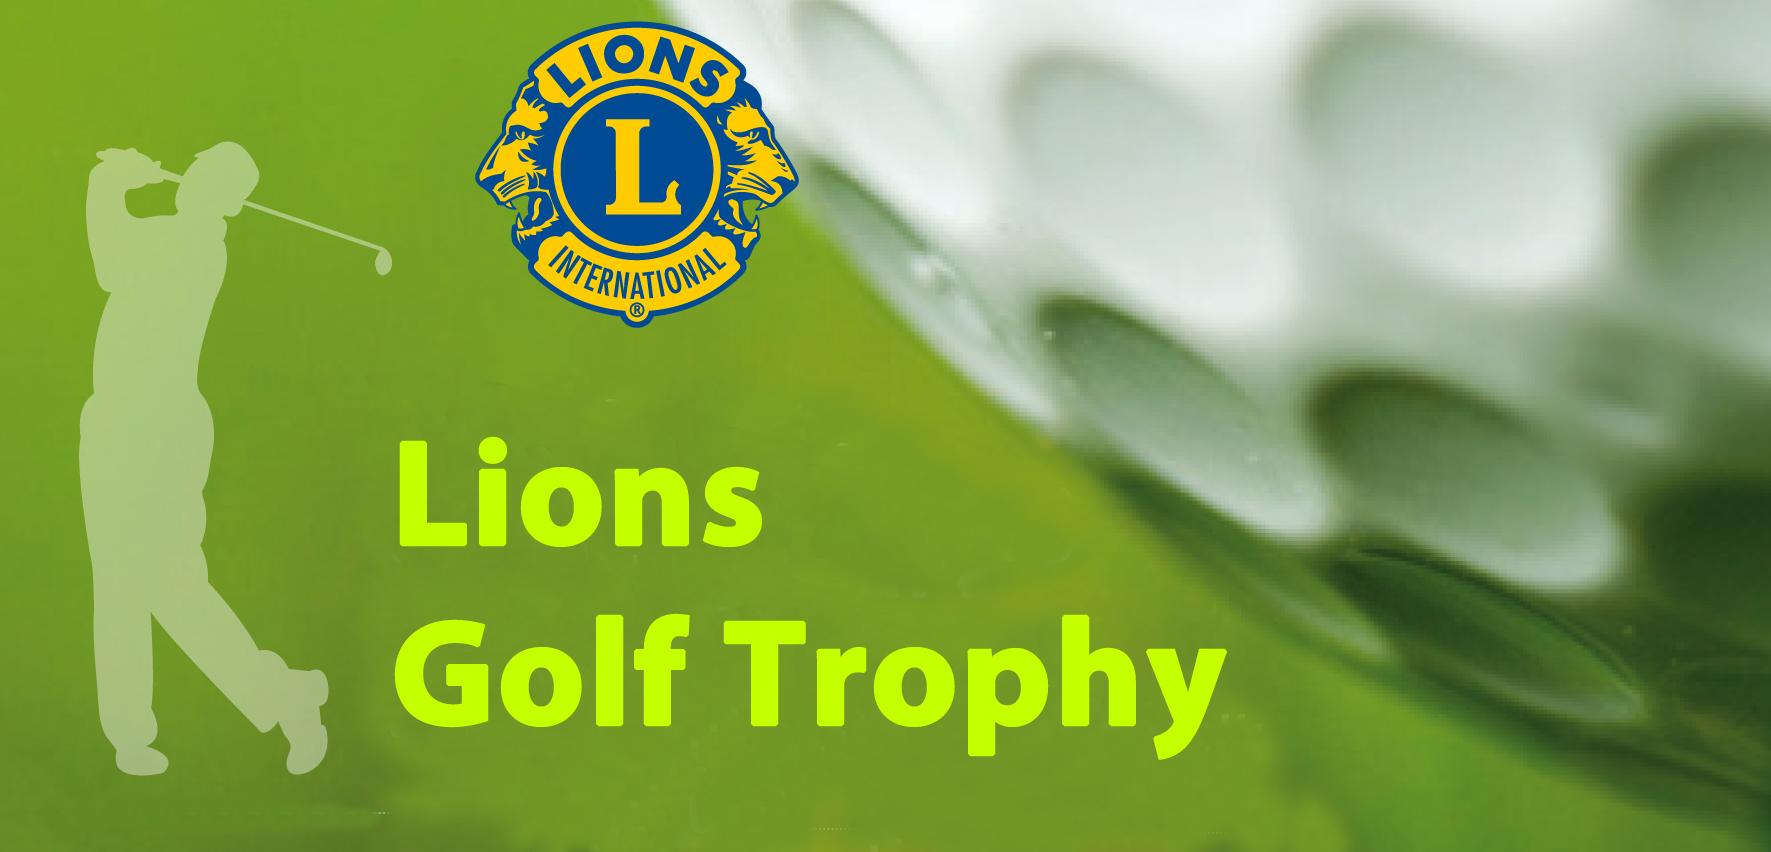 LIONS GOLF TROPHY - LIONS CLUB BOZEN / LAURIN Lions Golf Trophy